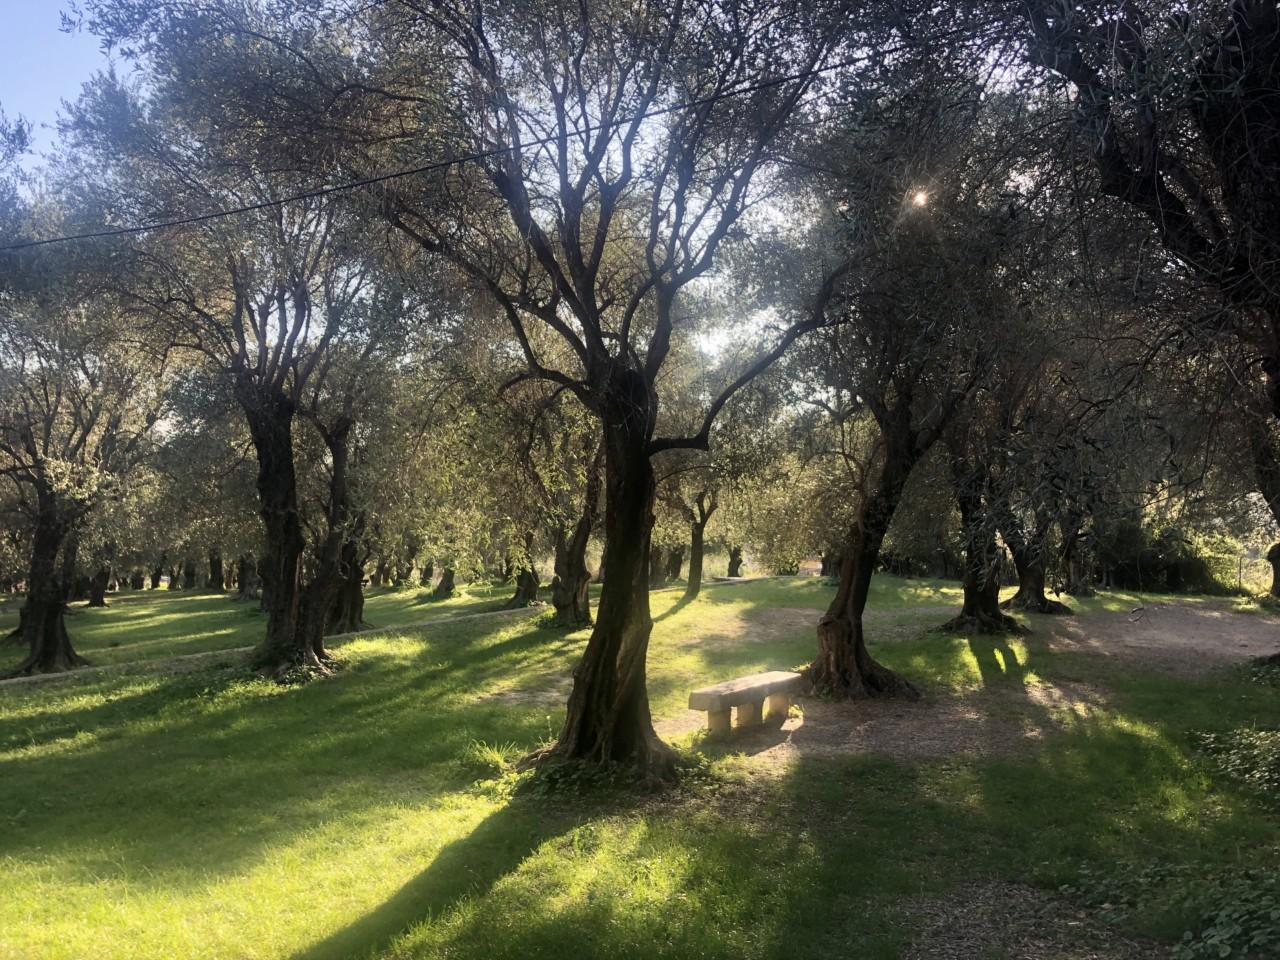 oliventre-park-menton-frankrike-gront-parc-du-pian